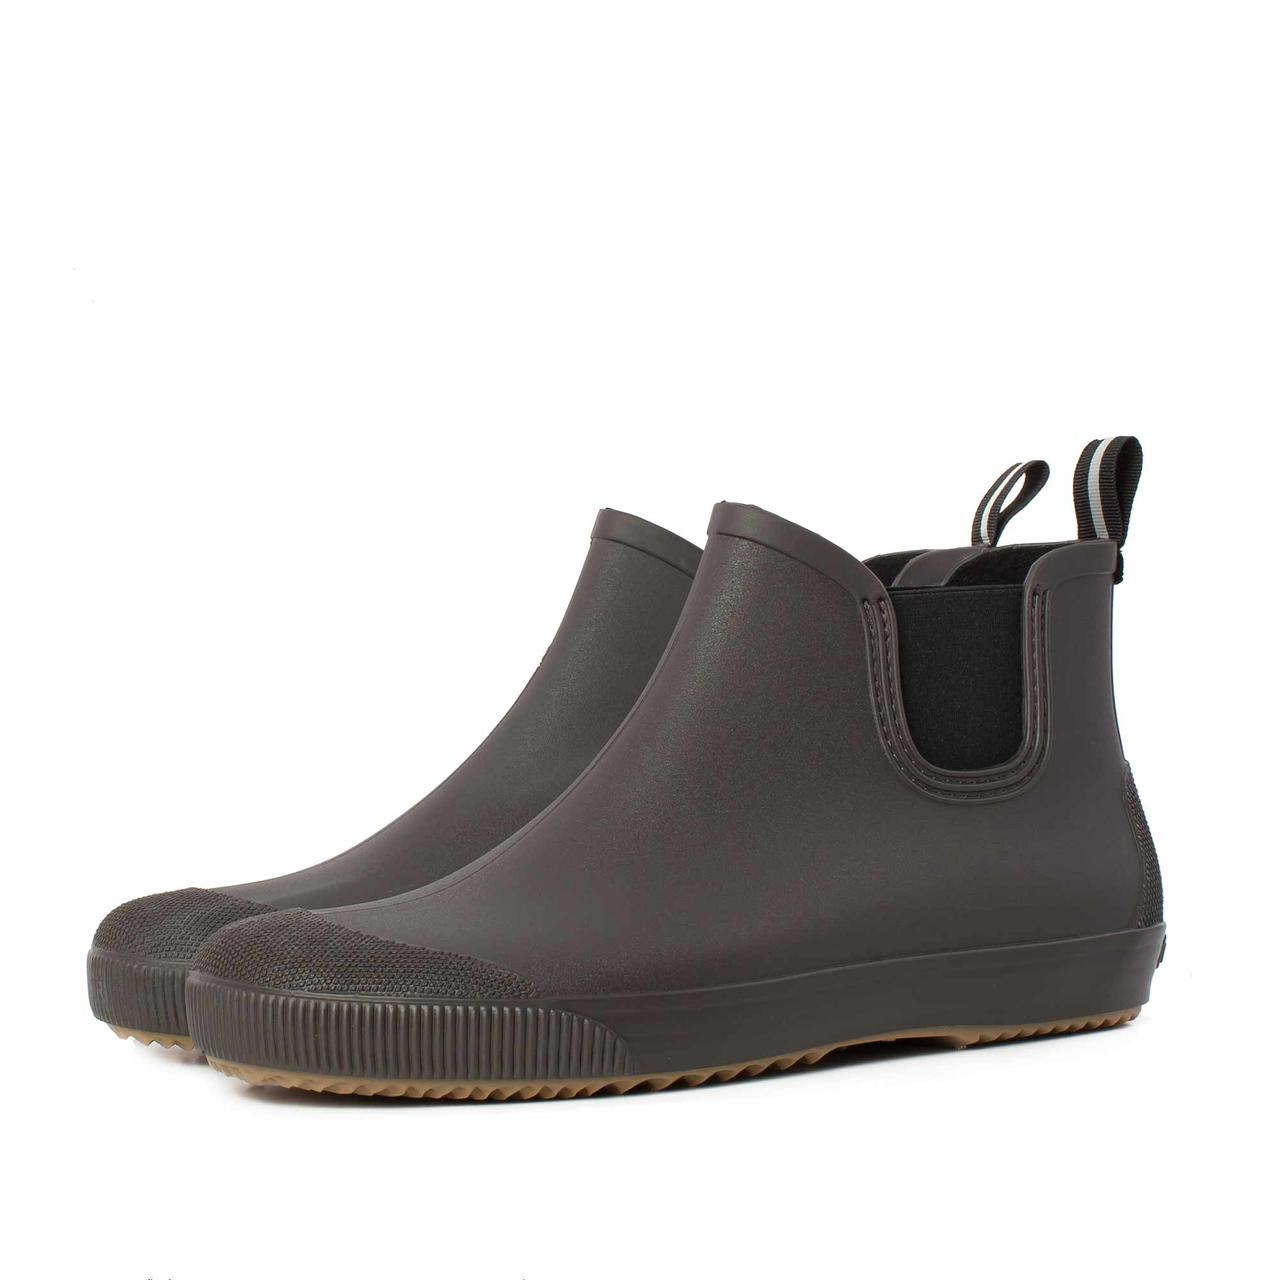 Мужские ботинки NORDMAN BEAT ПС-30  коричневые с бежевой подошвой